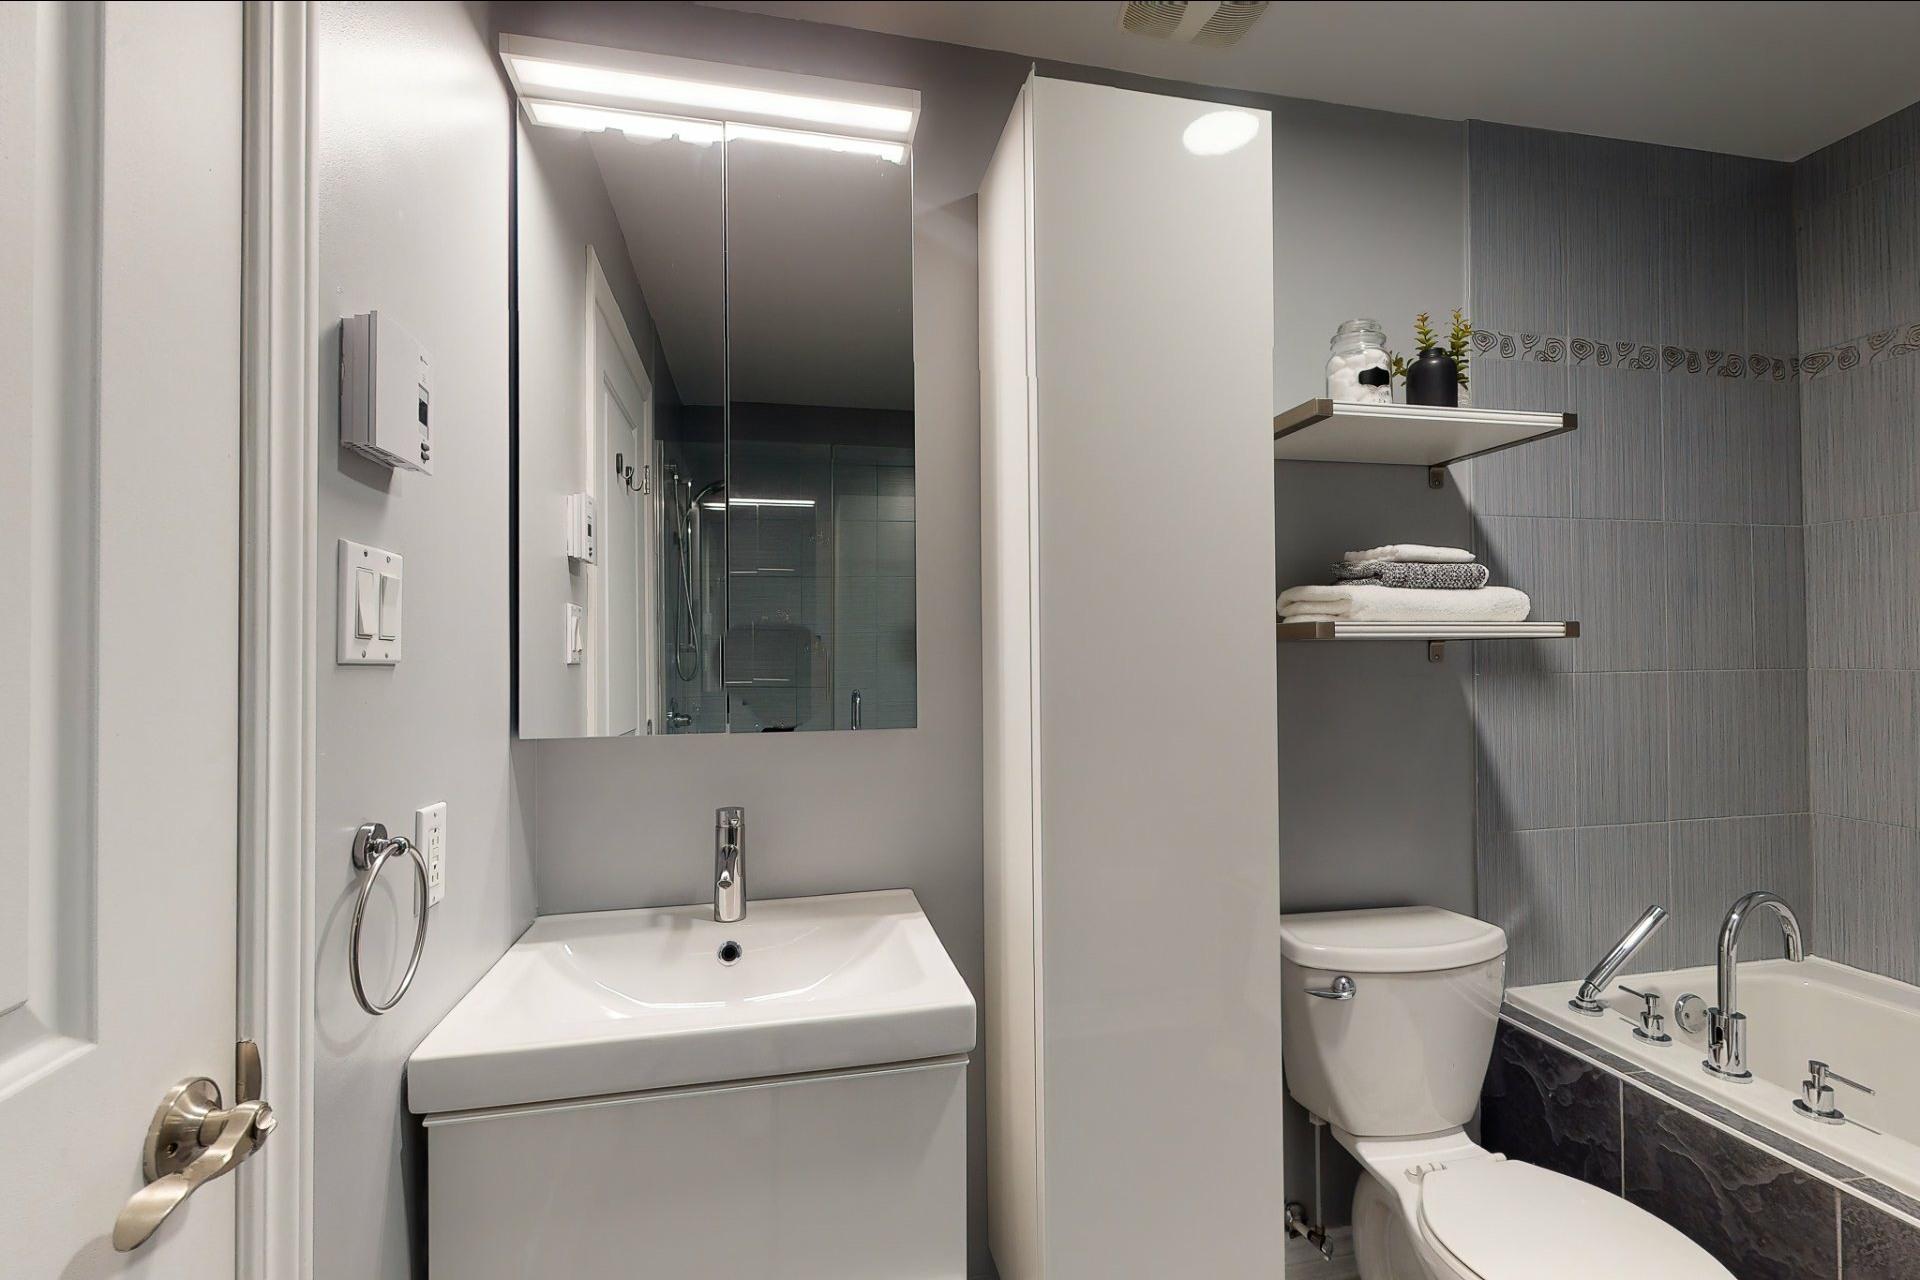 image 9 - Appartement À vendre Mercier/Hochelaga-Maisonneuve Montréal  - 7 pièces